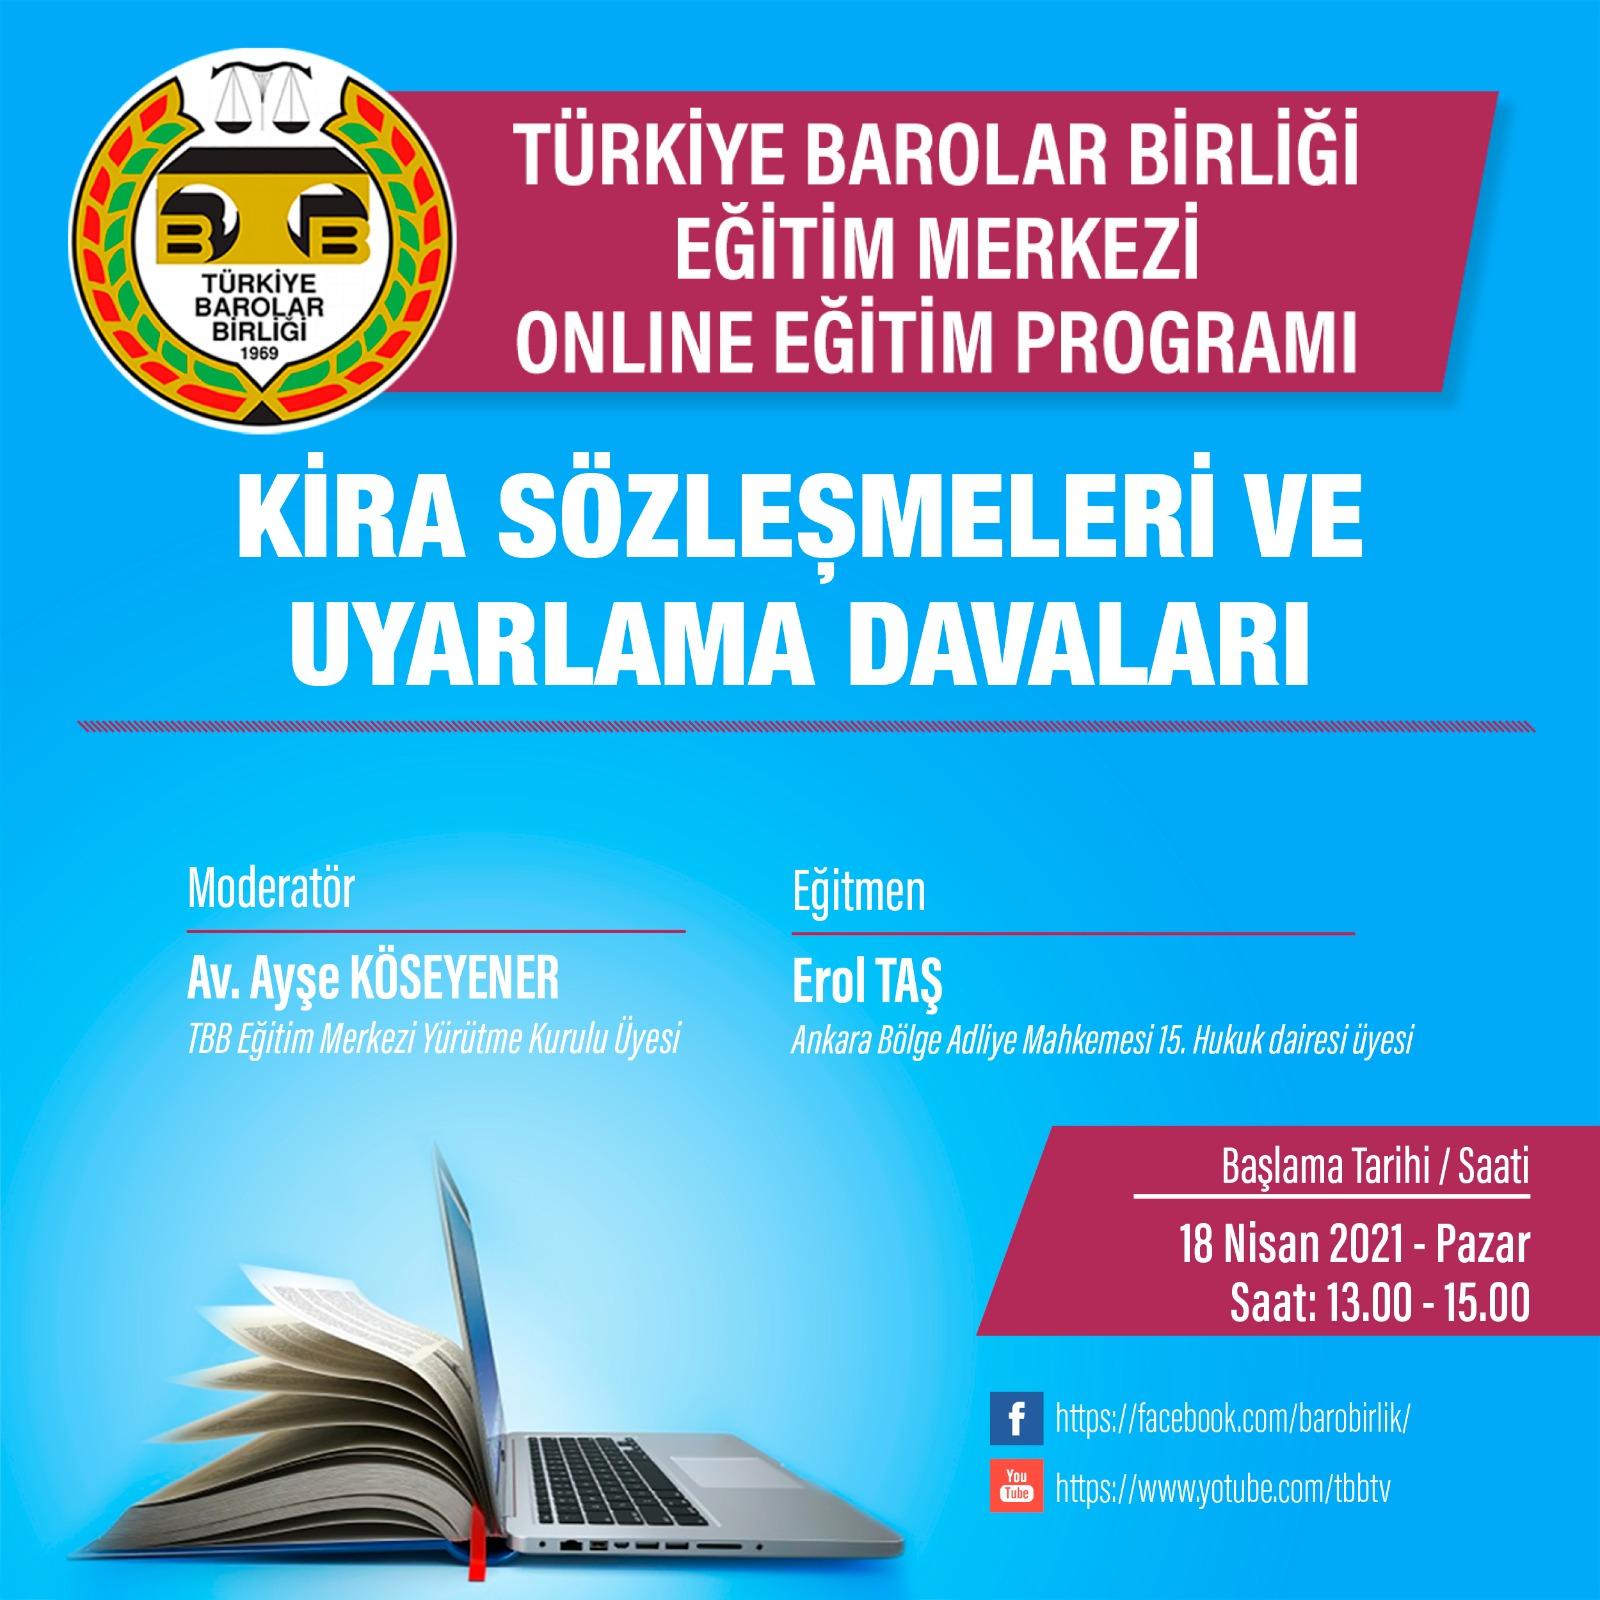 TBB Eğitim Merkezi Online Eğitim 18.04.2021